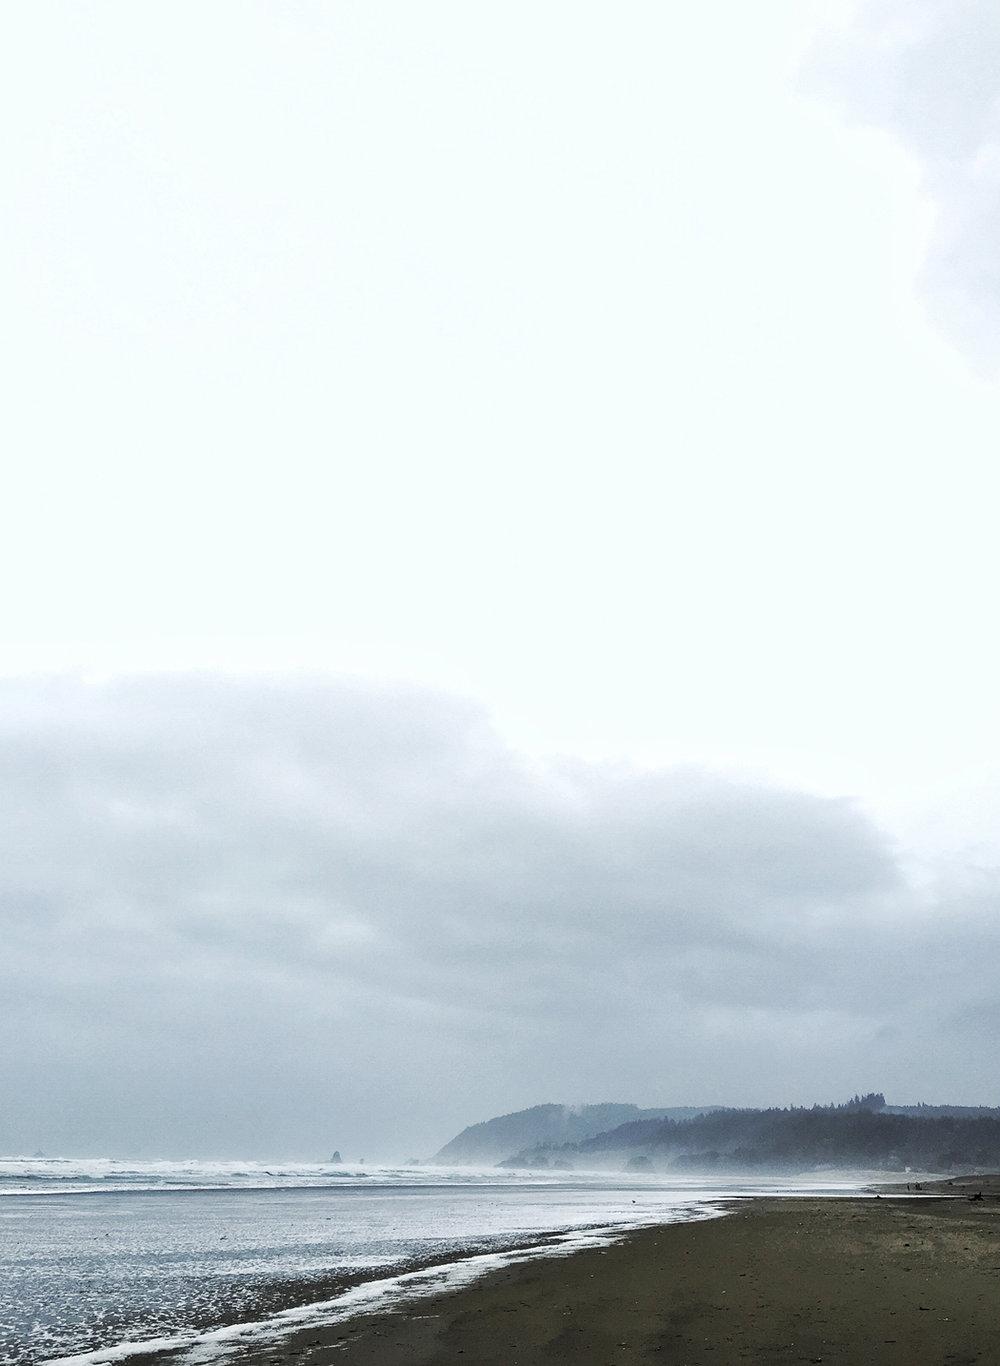 2015-oregon-coast-03.jpg